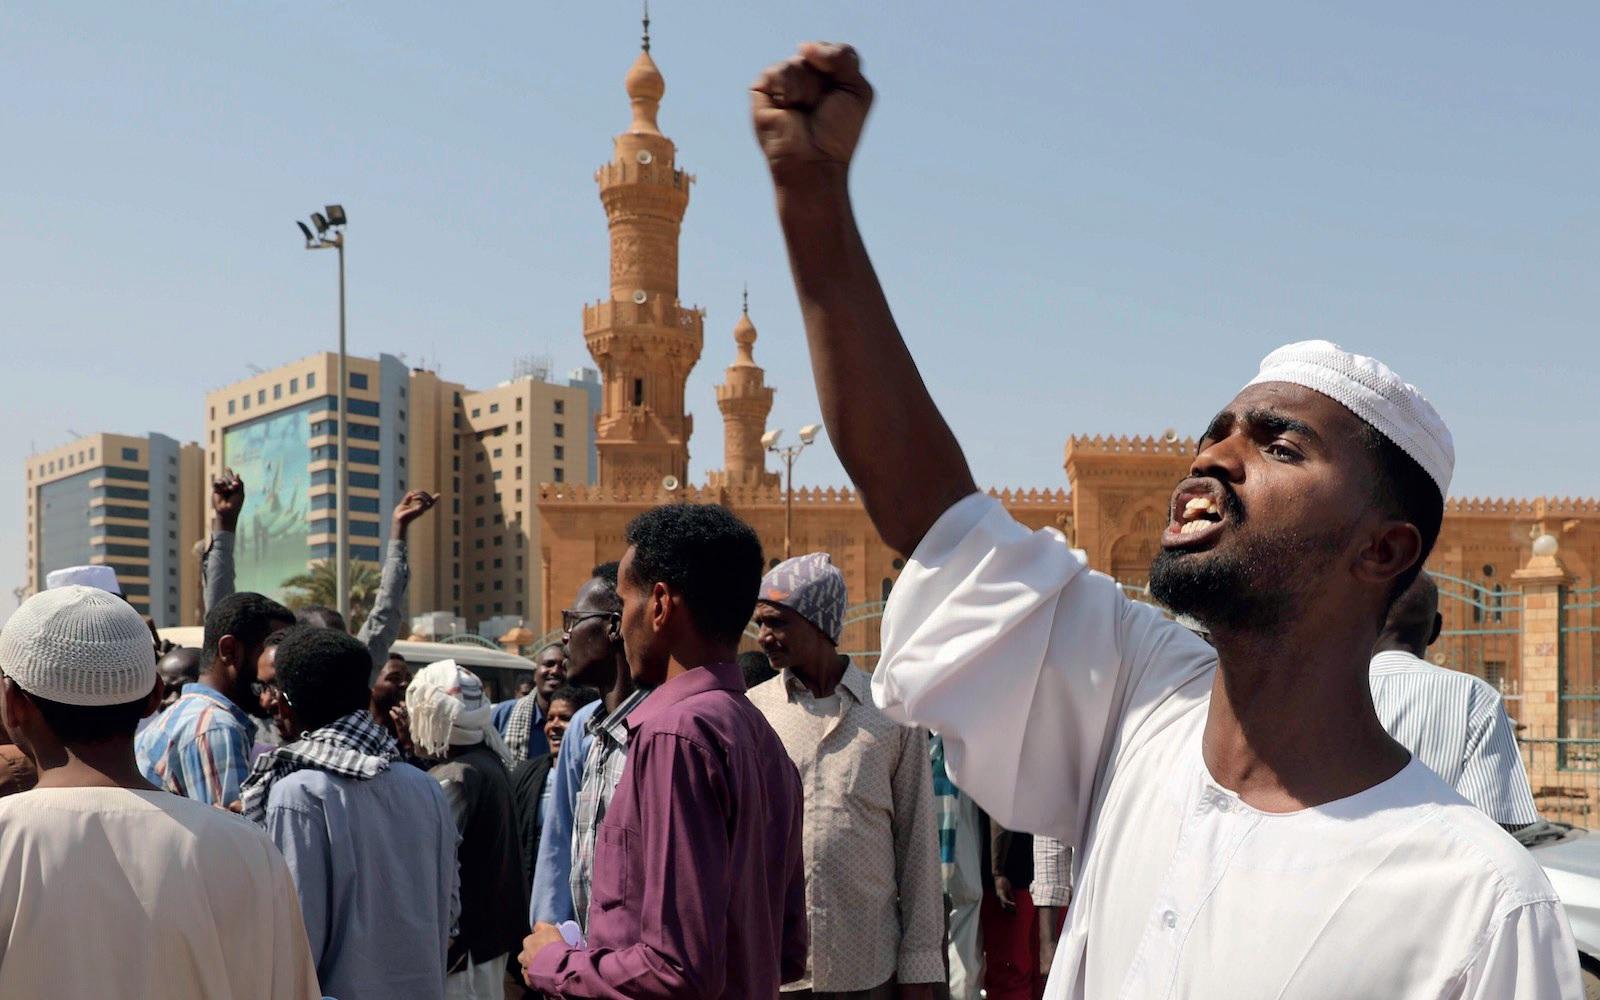 SUDAN'IN KAMU DİPLOMASİSİNDE TARİKATLAR VE CEMAATLER'İN ROLÜ